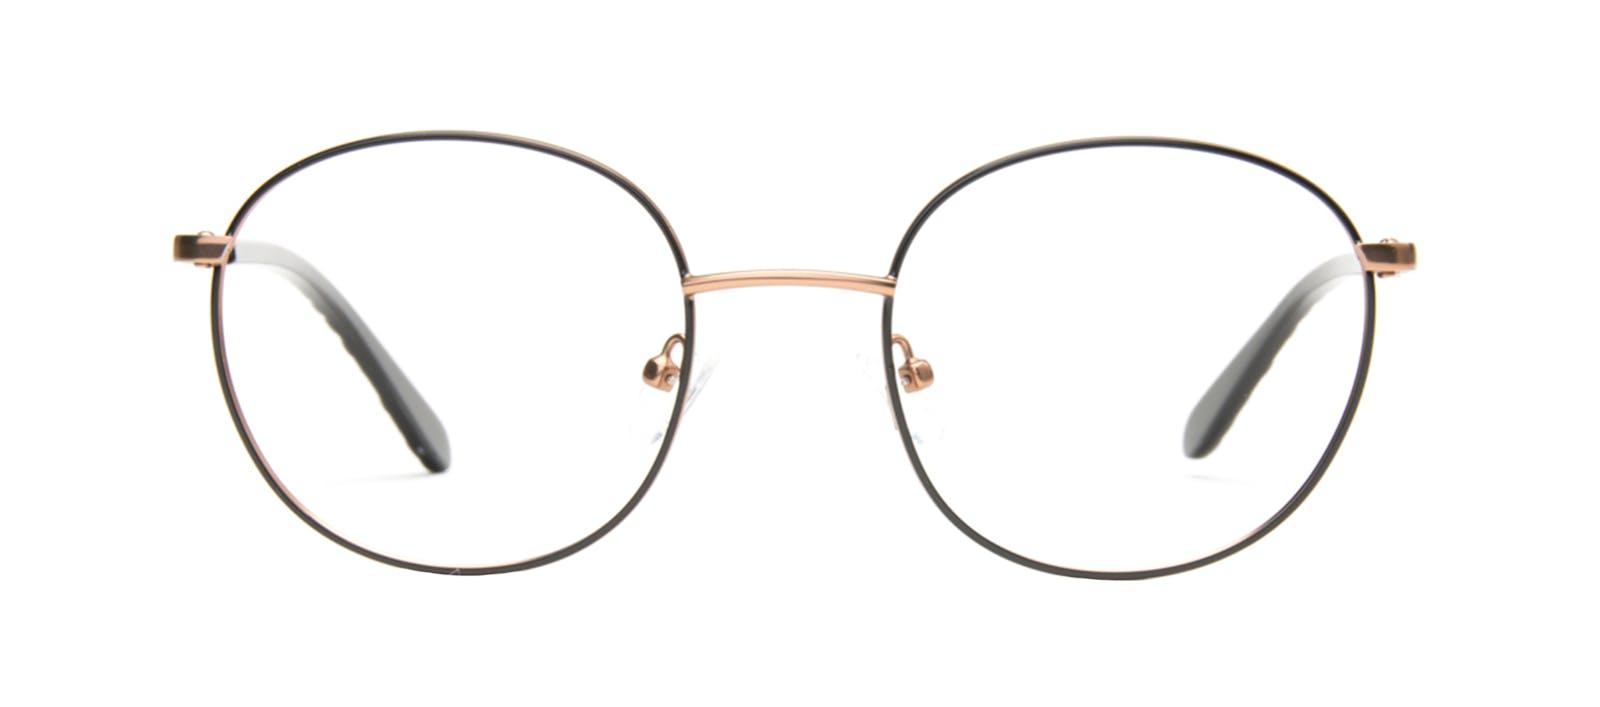 Women\'s Eyeglasses - Joy in Black Copper | BonLook in black copper